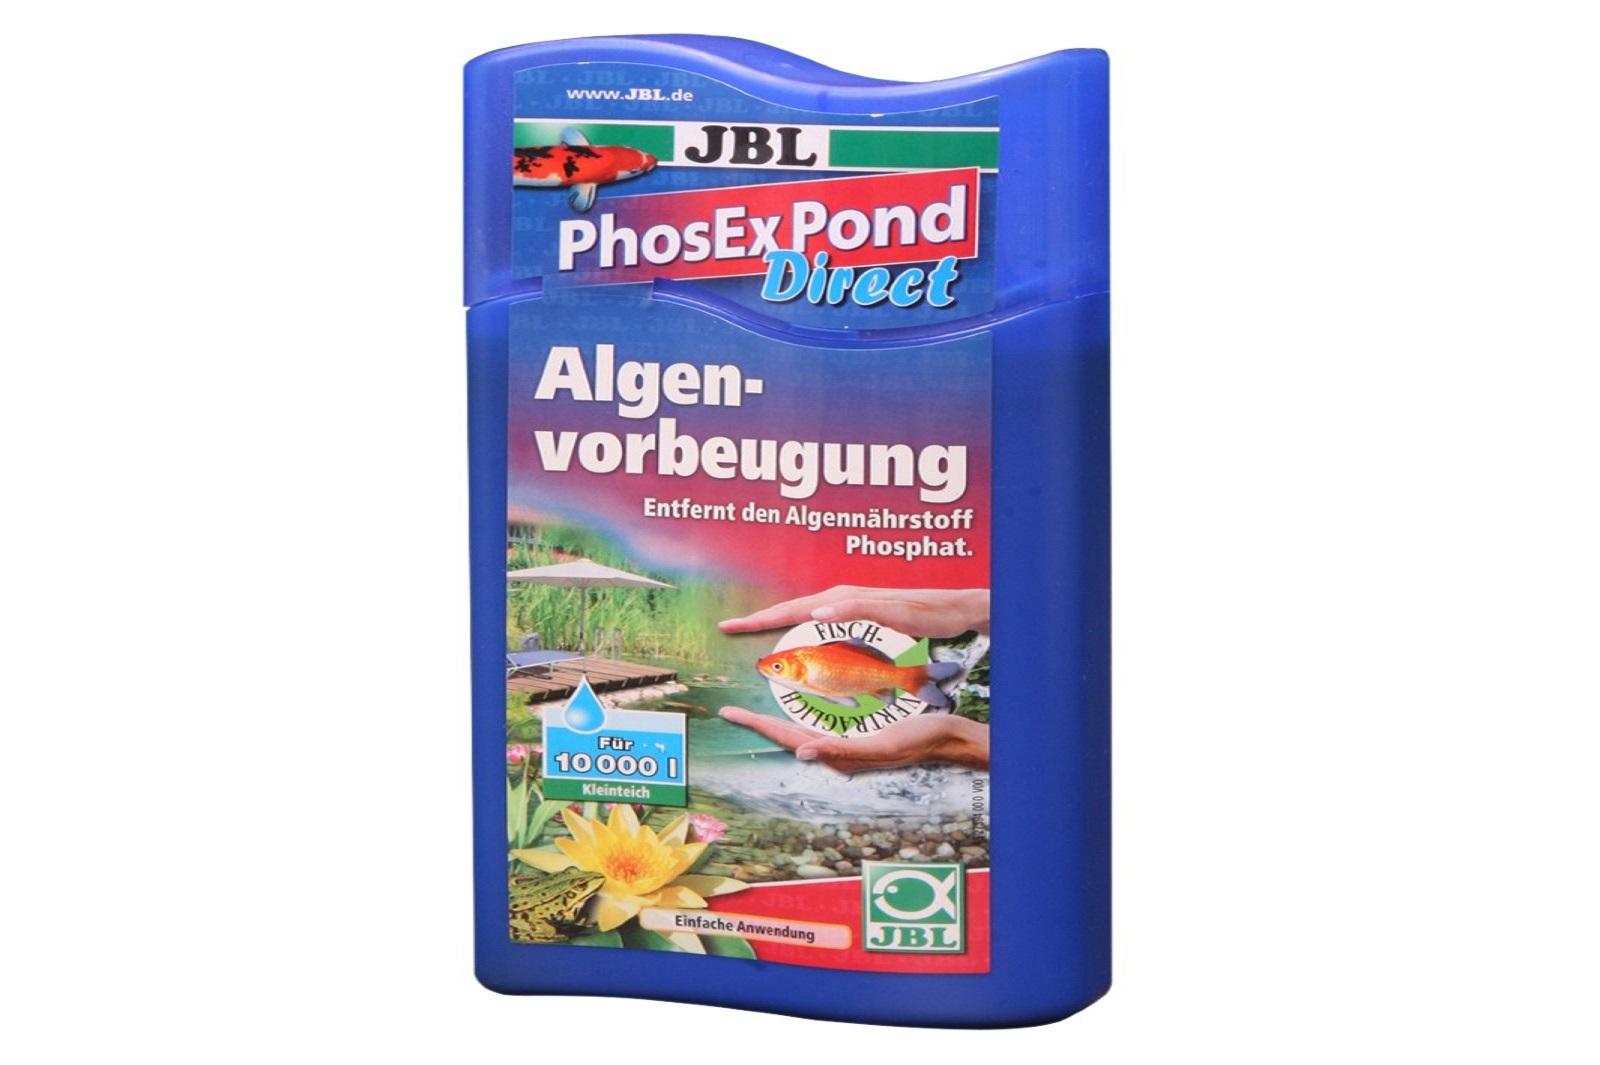 JBL PhosEX Pond Direct 500 ml Phosphatentferner Algenvorbeugung